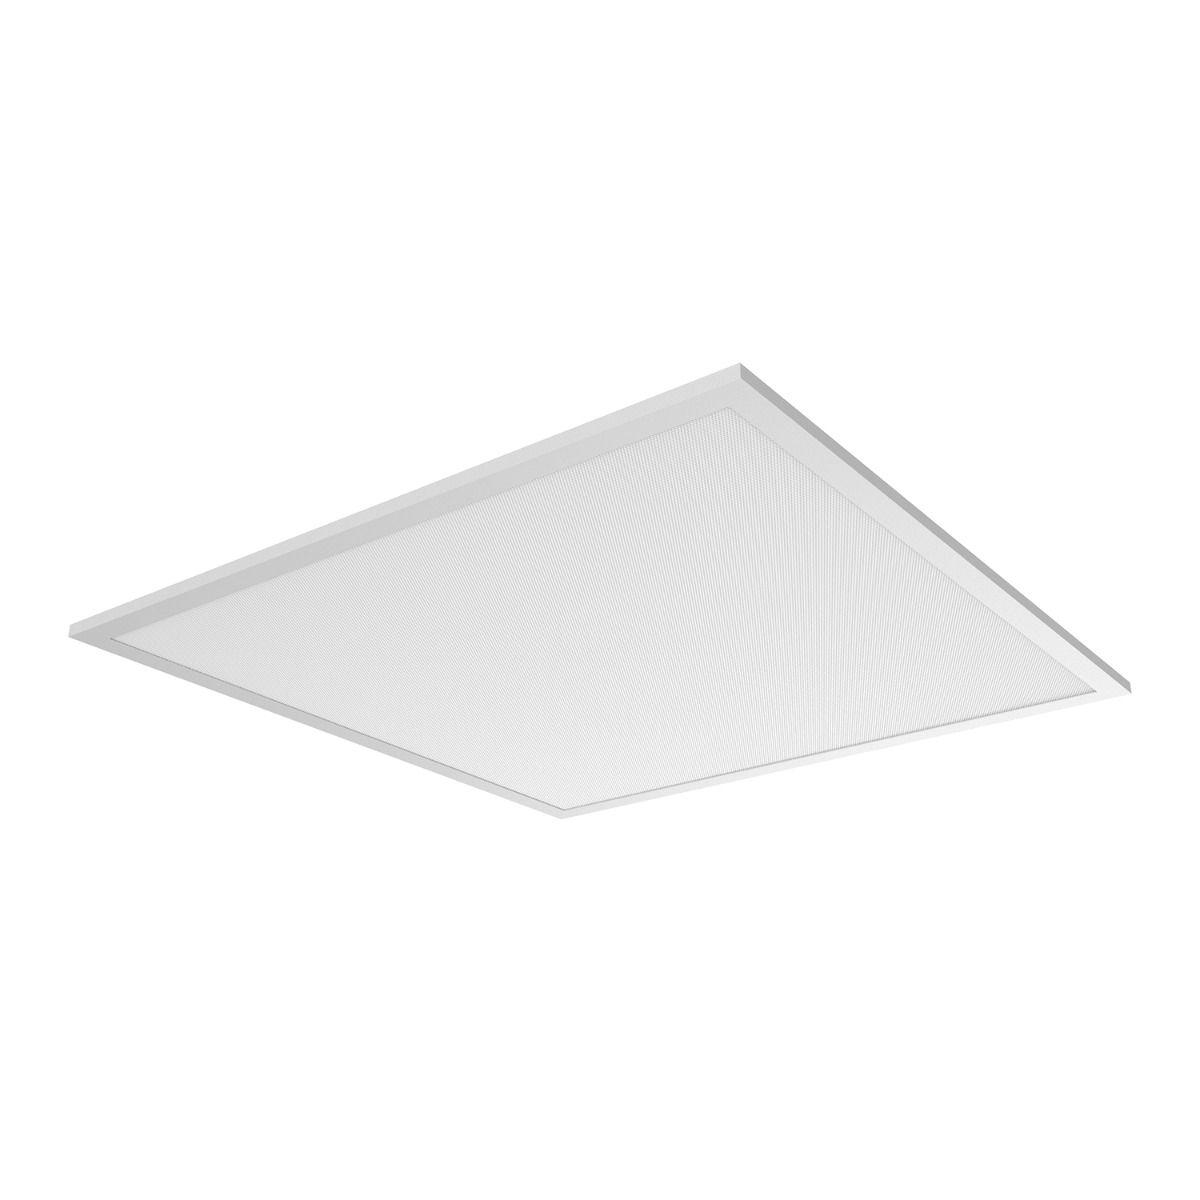 Noxion LED Panel Delta Pro V3 Highlum 36W 4000K 5500lm 60x60cm UGR <19   Kaltweiß - Ersatz für 4x18W